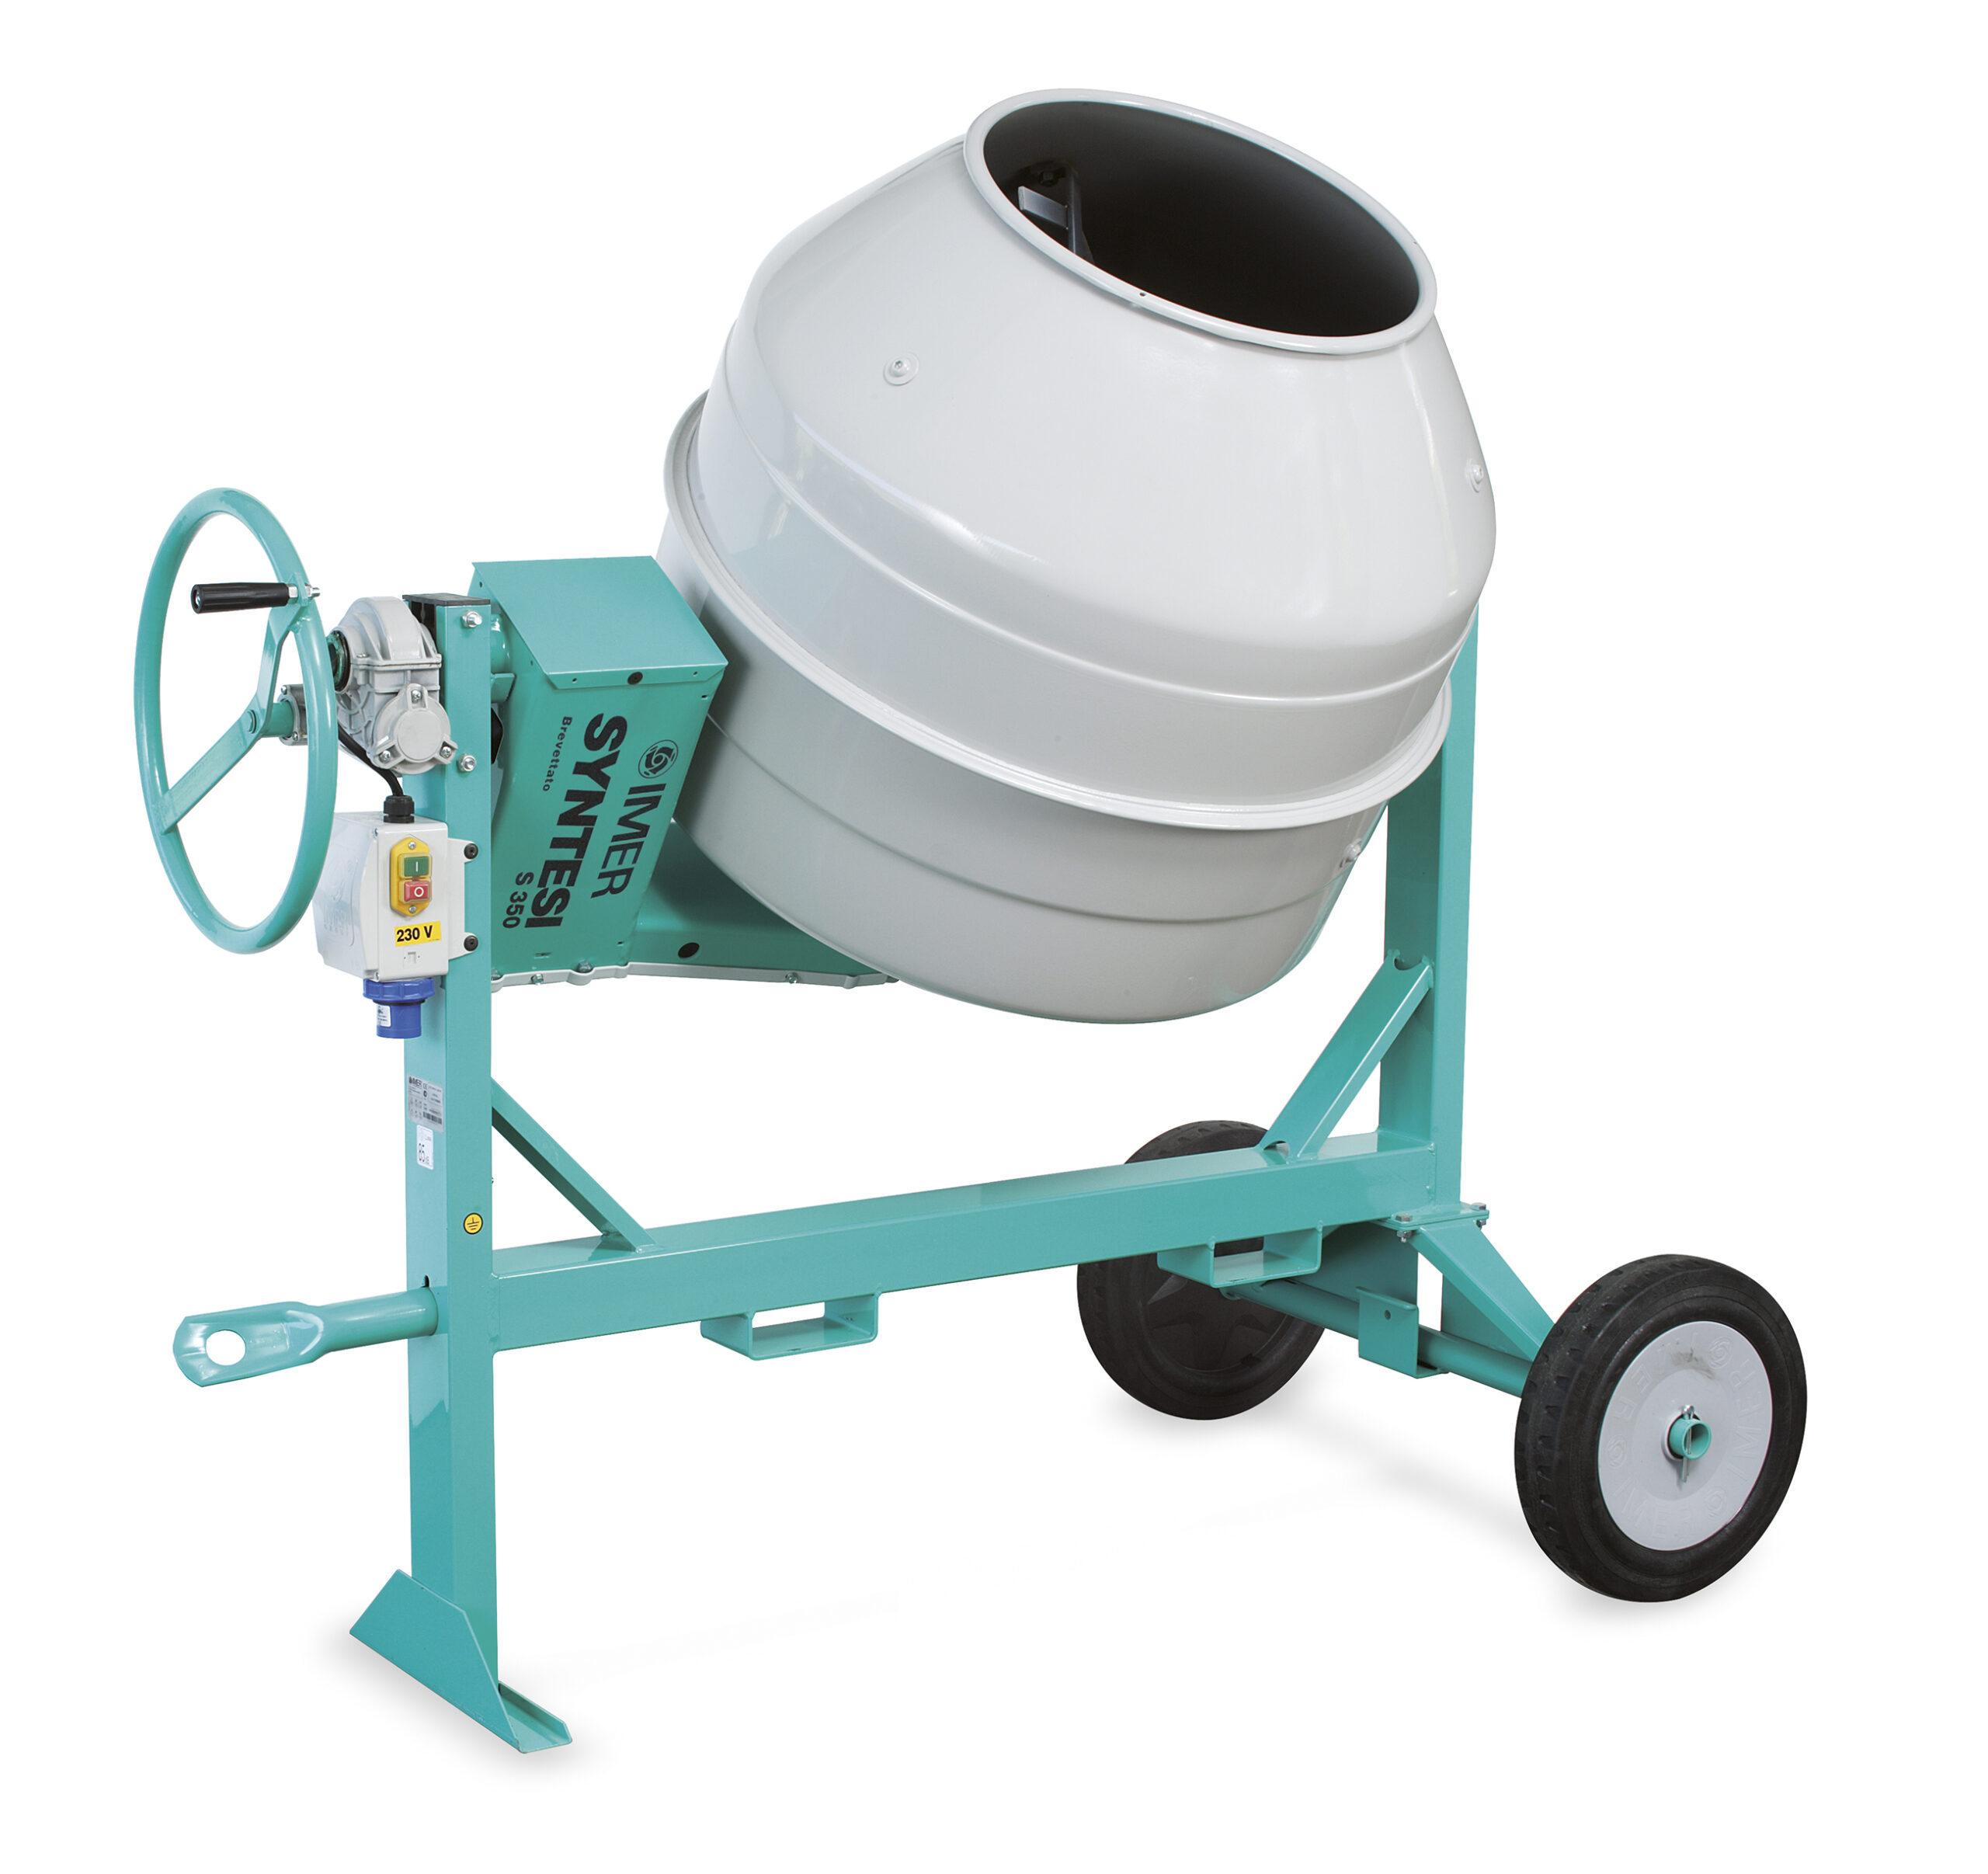 Betoniere con sistema di trasmissione con cinghia ad alta resistenza ed ingranaggi d'acciaio in bagno d'olio